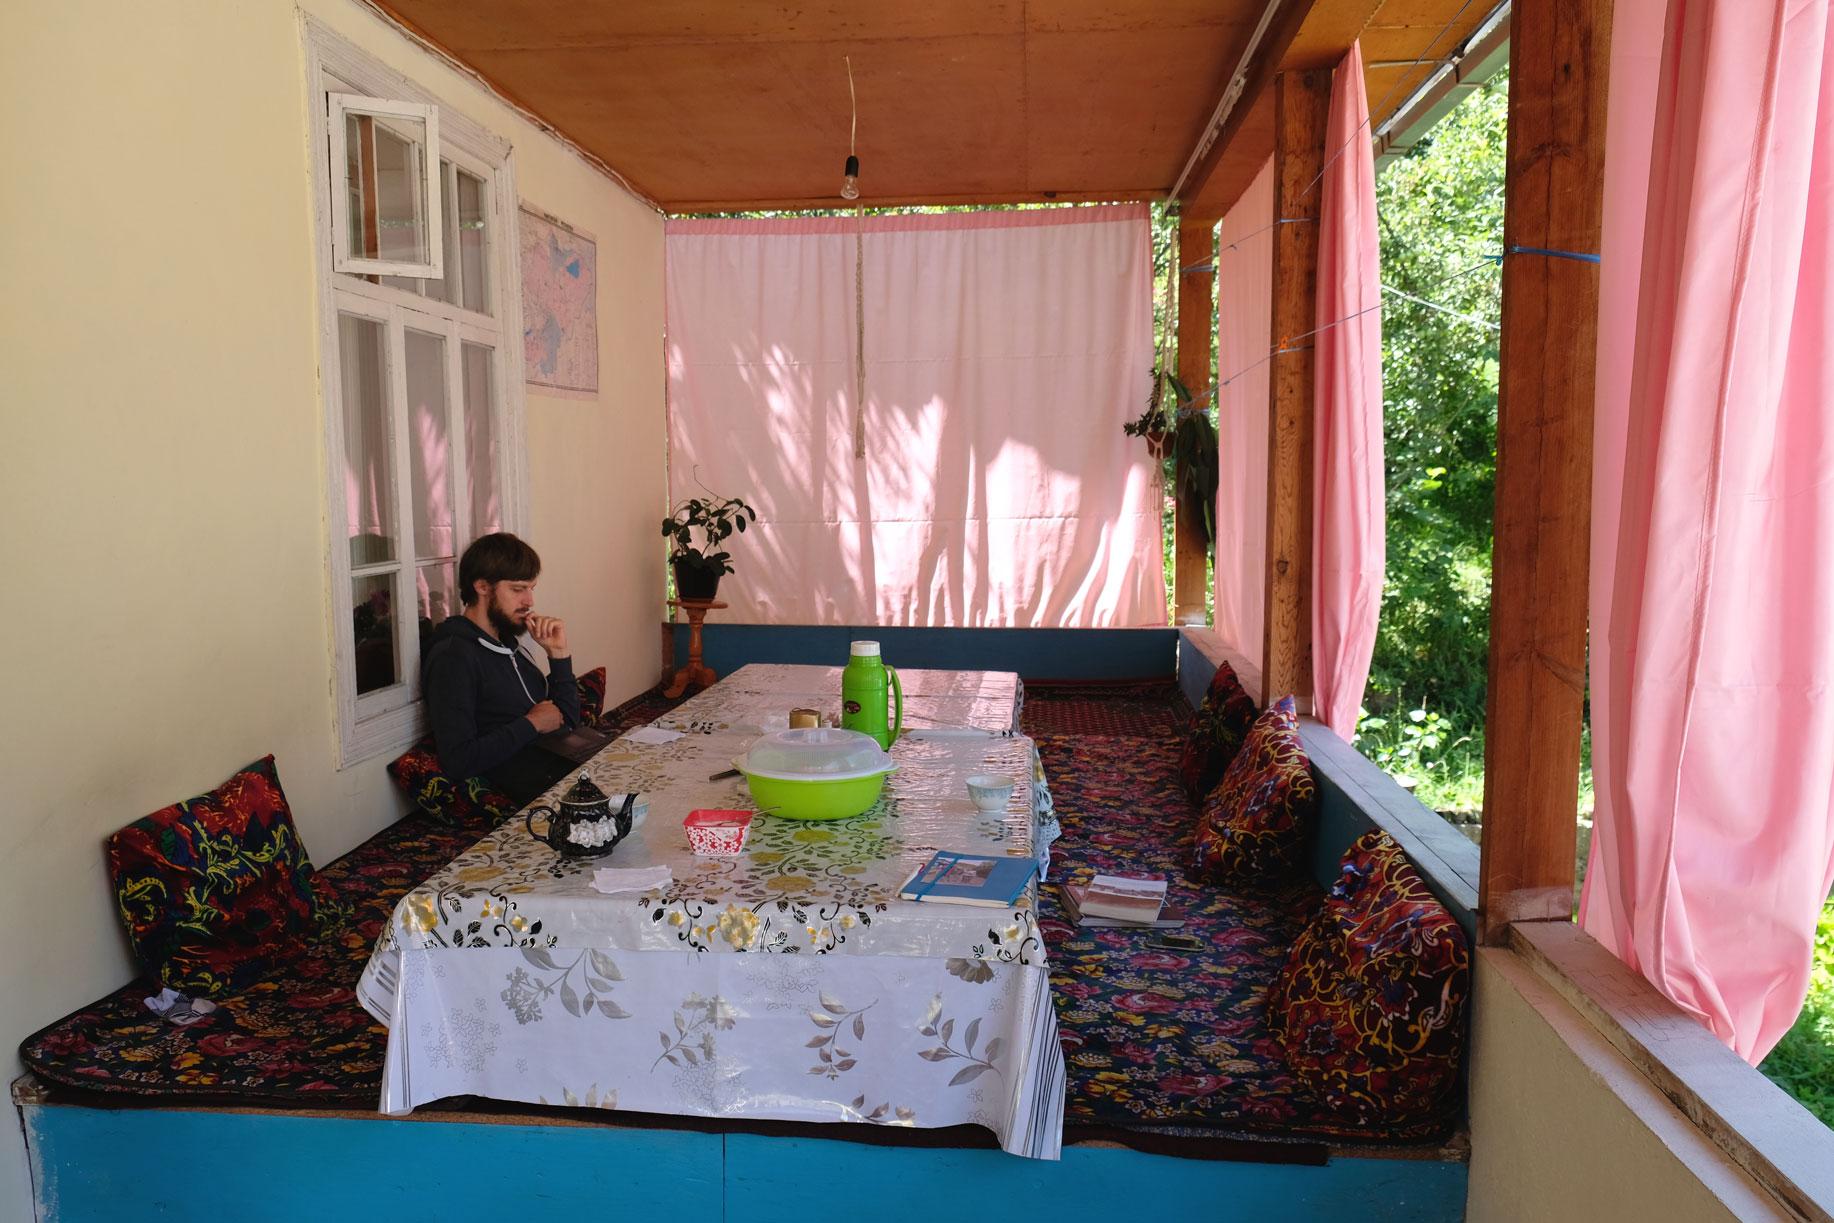 Mit dem Haus Nr. 6 haben wir es gut getroffen. Am gemütlichen Tapchan lässt es sich gut entspannen und am Blog schreiben.